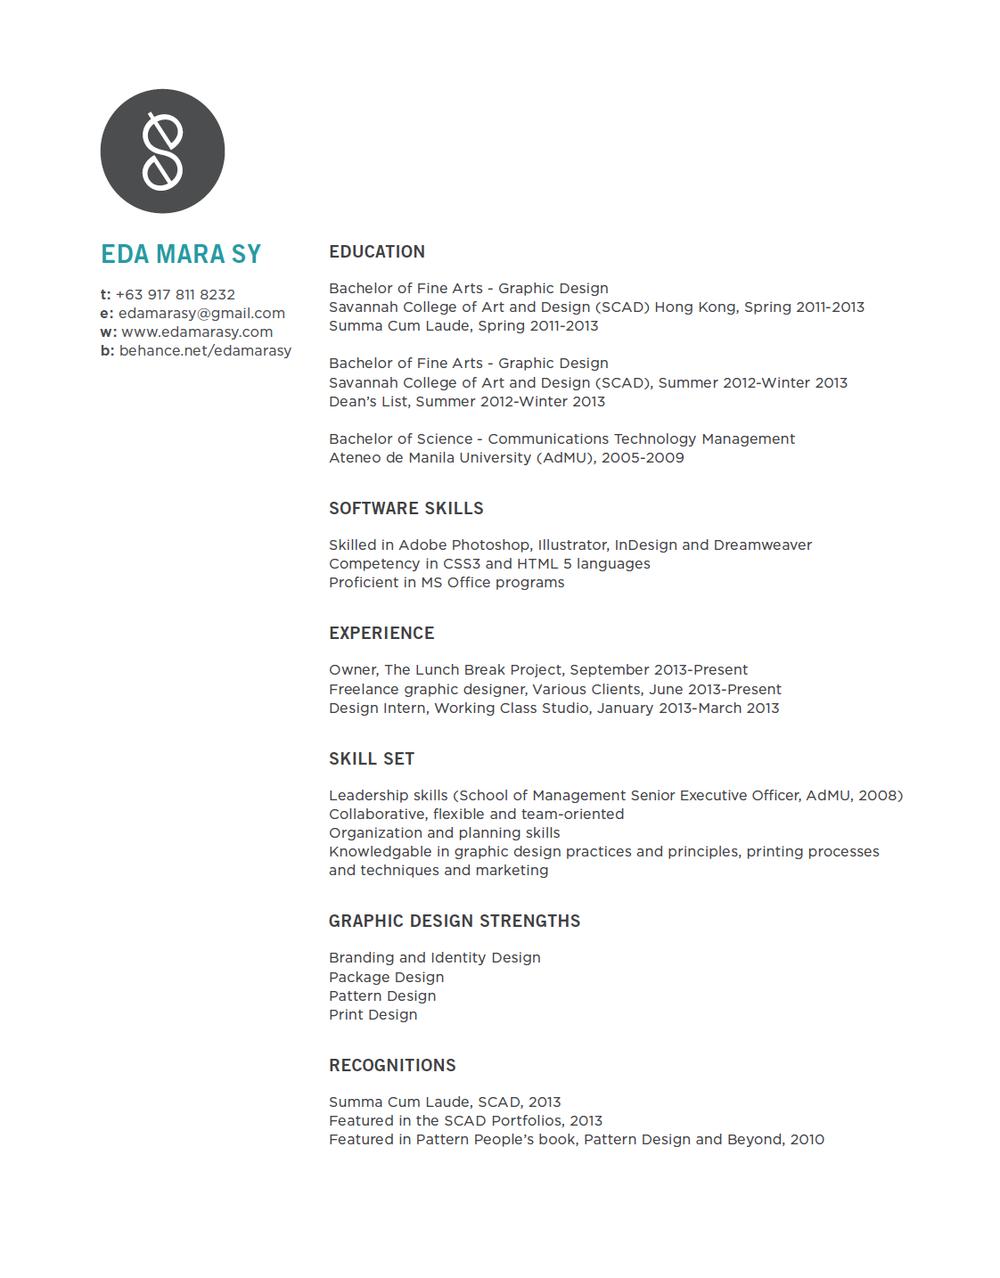 Resume — Eda Mara Sy